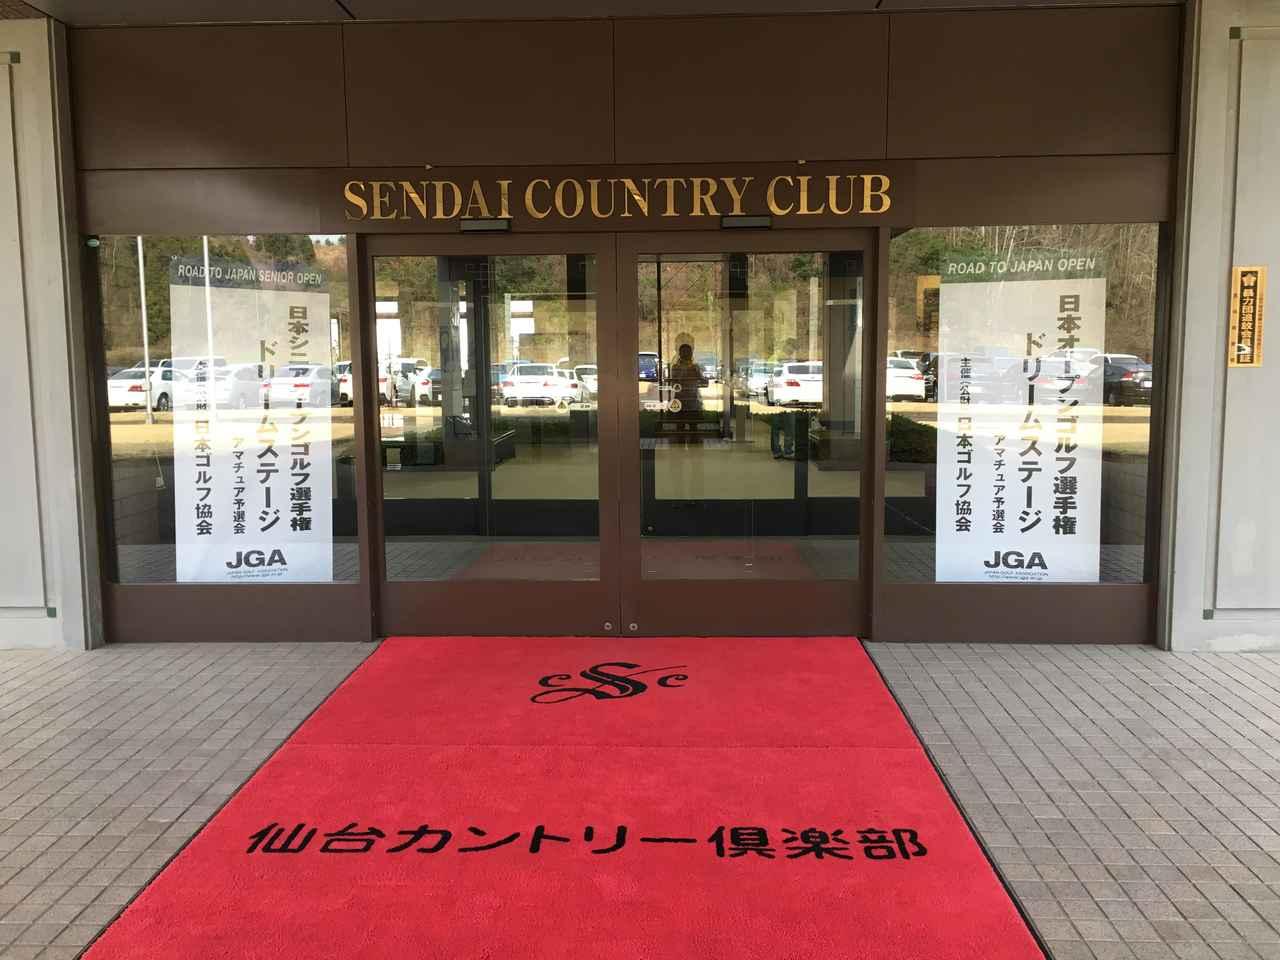 画像1: 《仙台カントリー倶楽部で日本オープンと日本シニアオープンのドリームステージを開催しました》